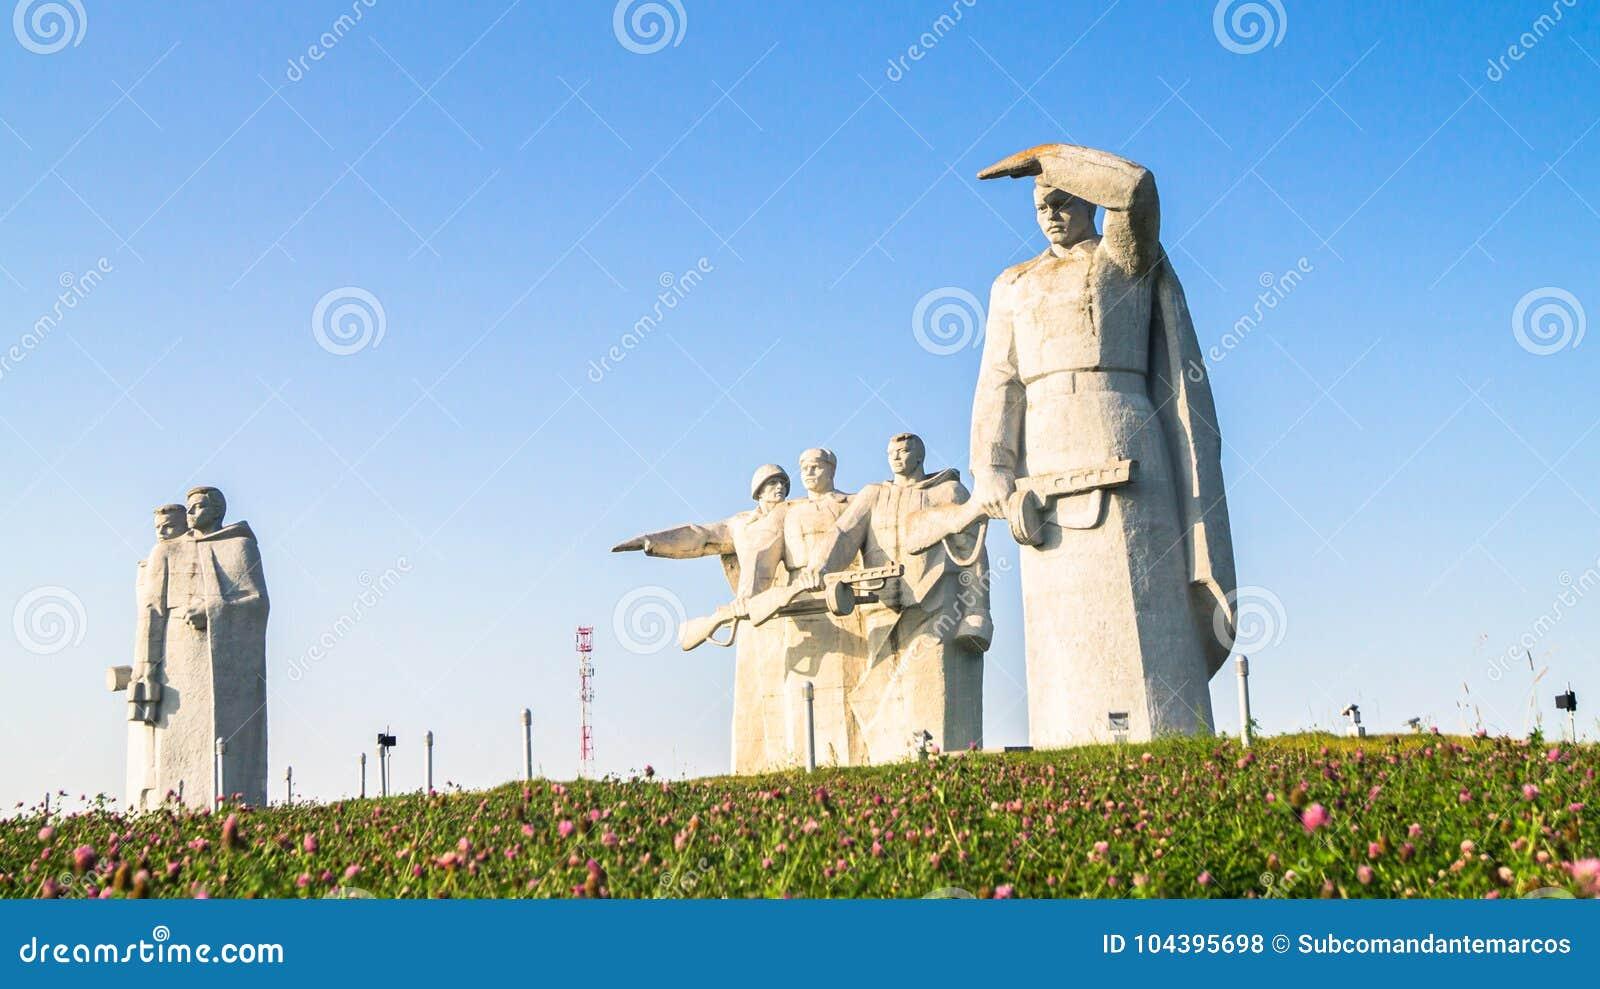 Le mémorial des héros glorieux de la division de Panfilov, les fascistes défaits à Moscou luttent, Dubosekovo, région de Moscou,